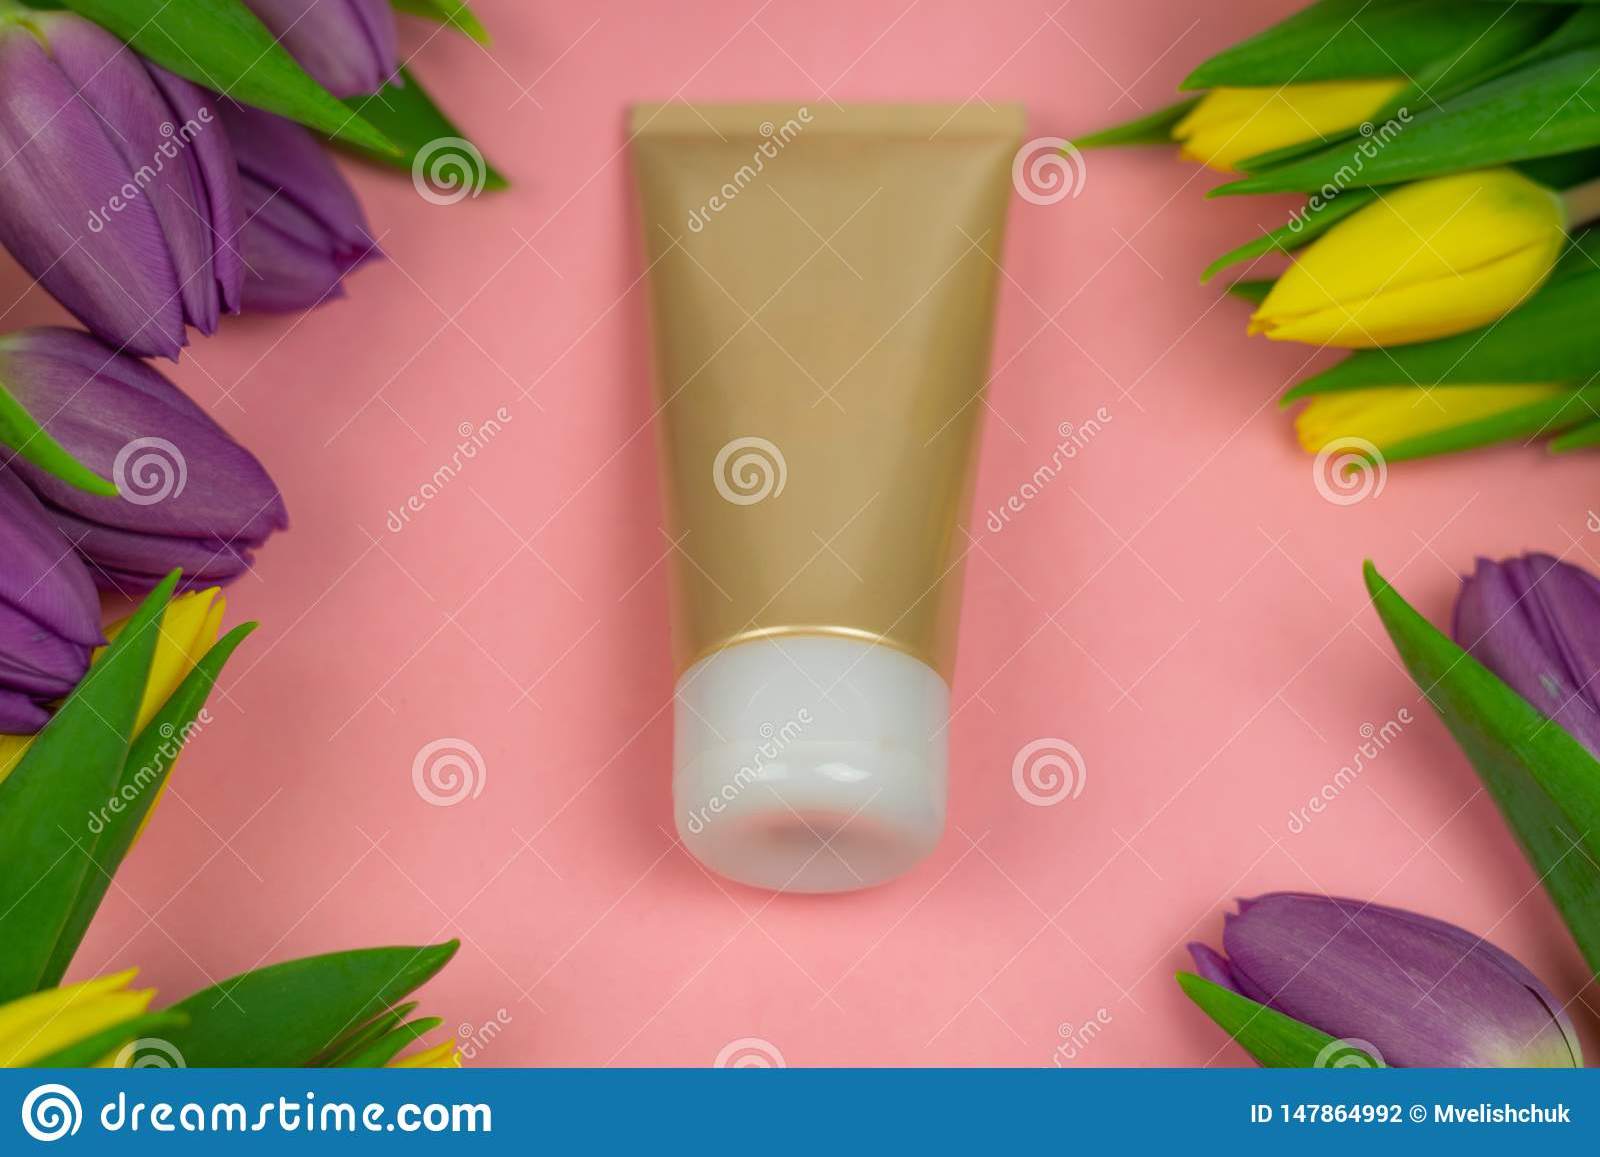 Tomt r?r av kr?m p? en rosa bakgrund med blommor